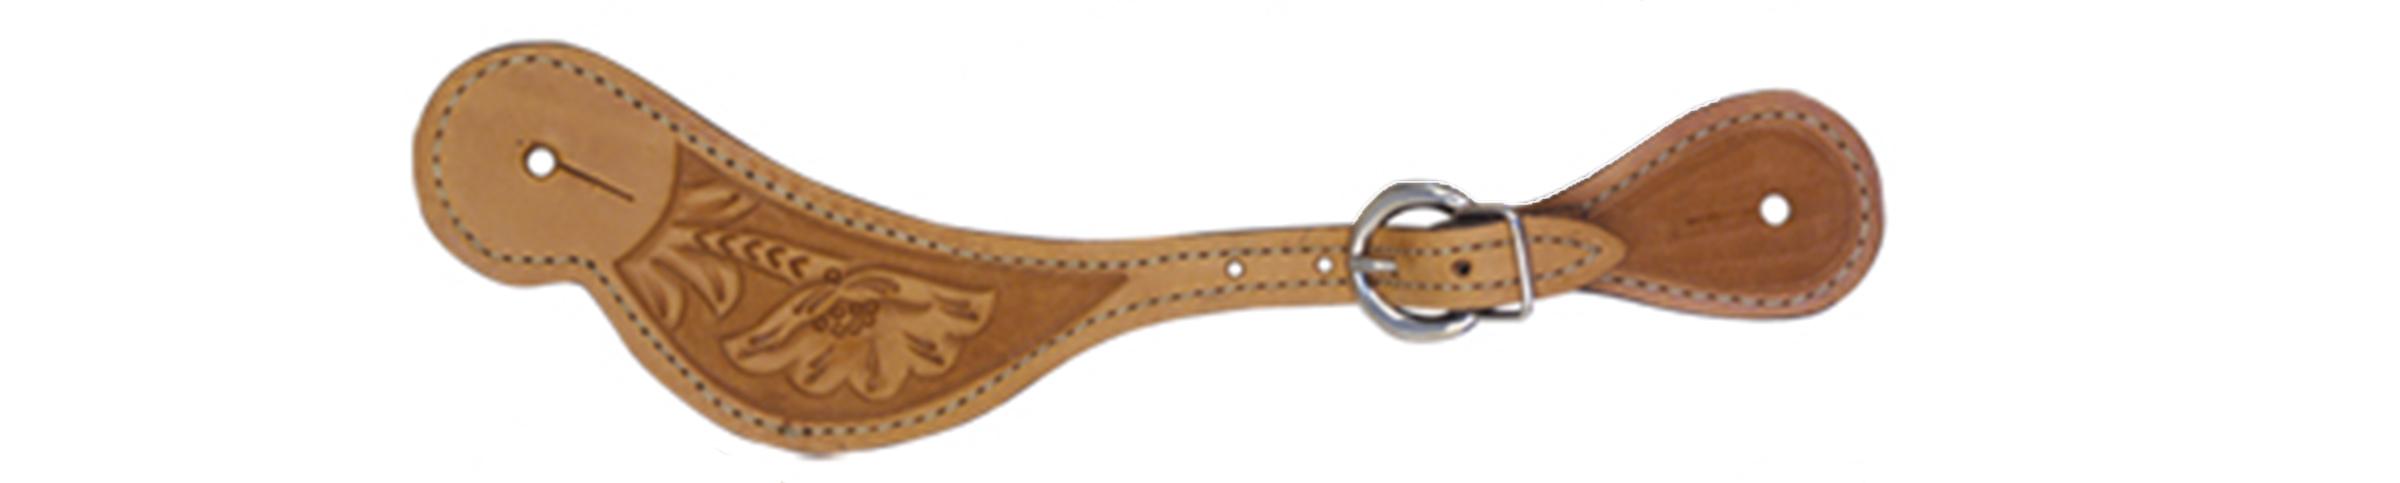 380-F Men's spur strap golden leather floral tooled